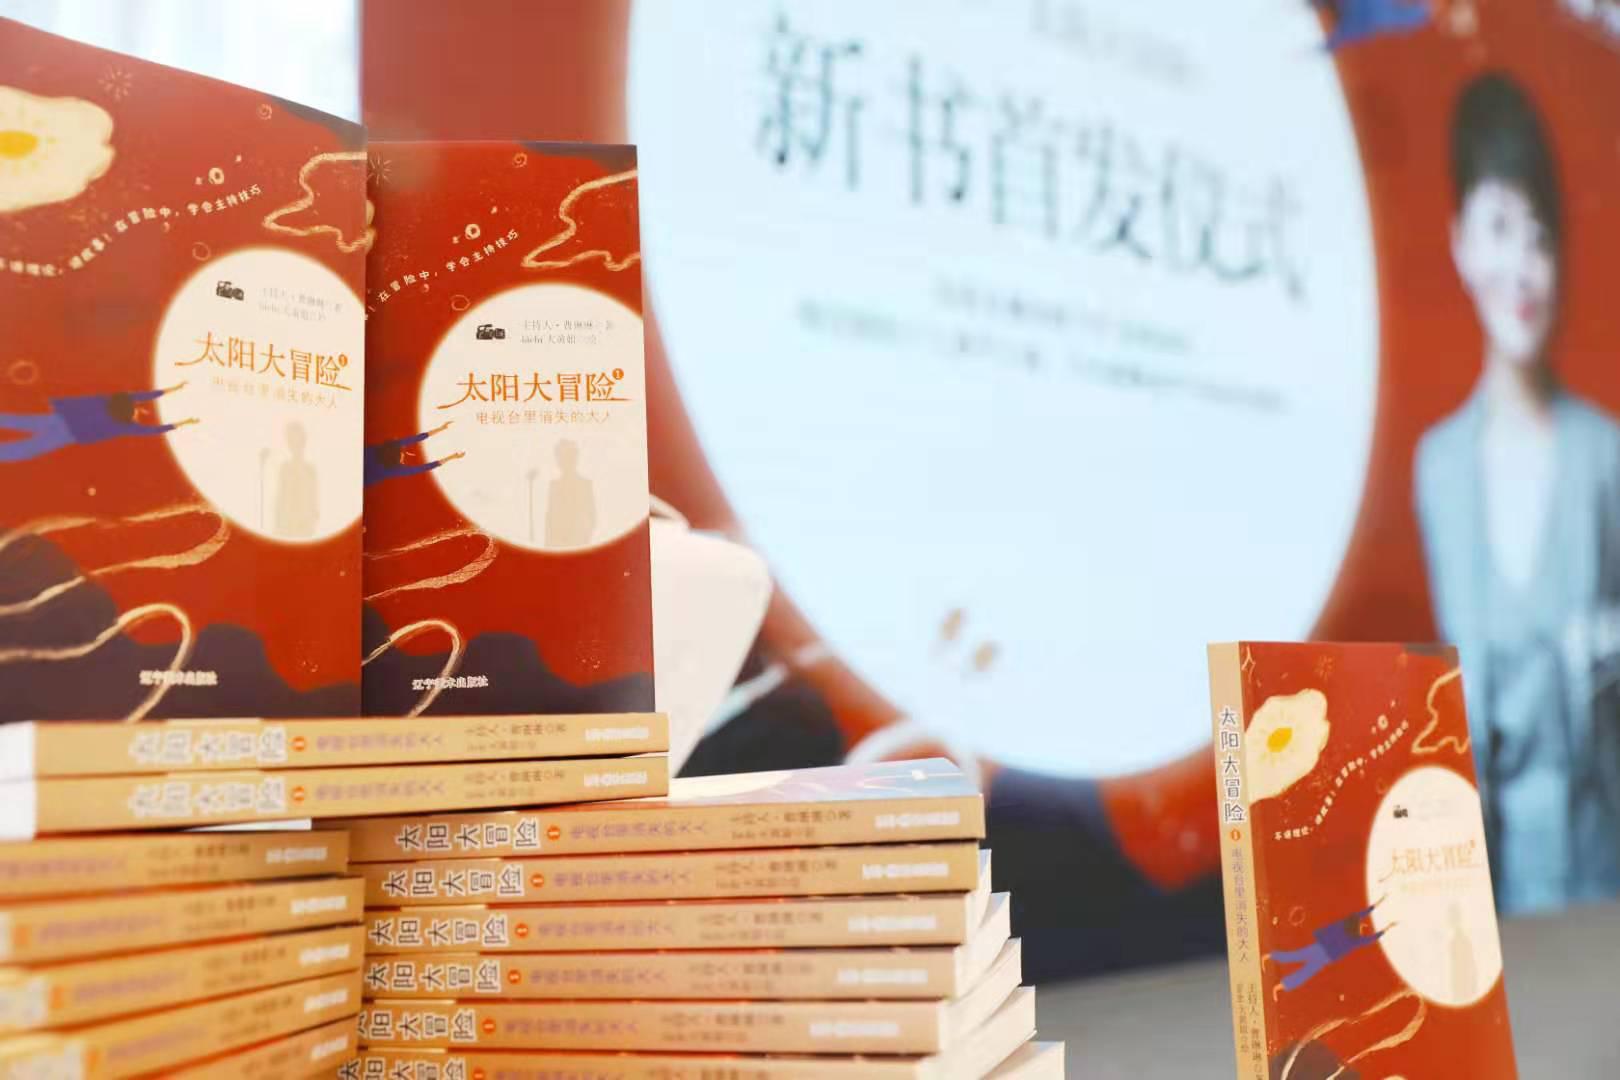 新书首发落幕 曹琳琳携大咖做客现场,看舞台上的光亮照亮成长-中国网地产